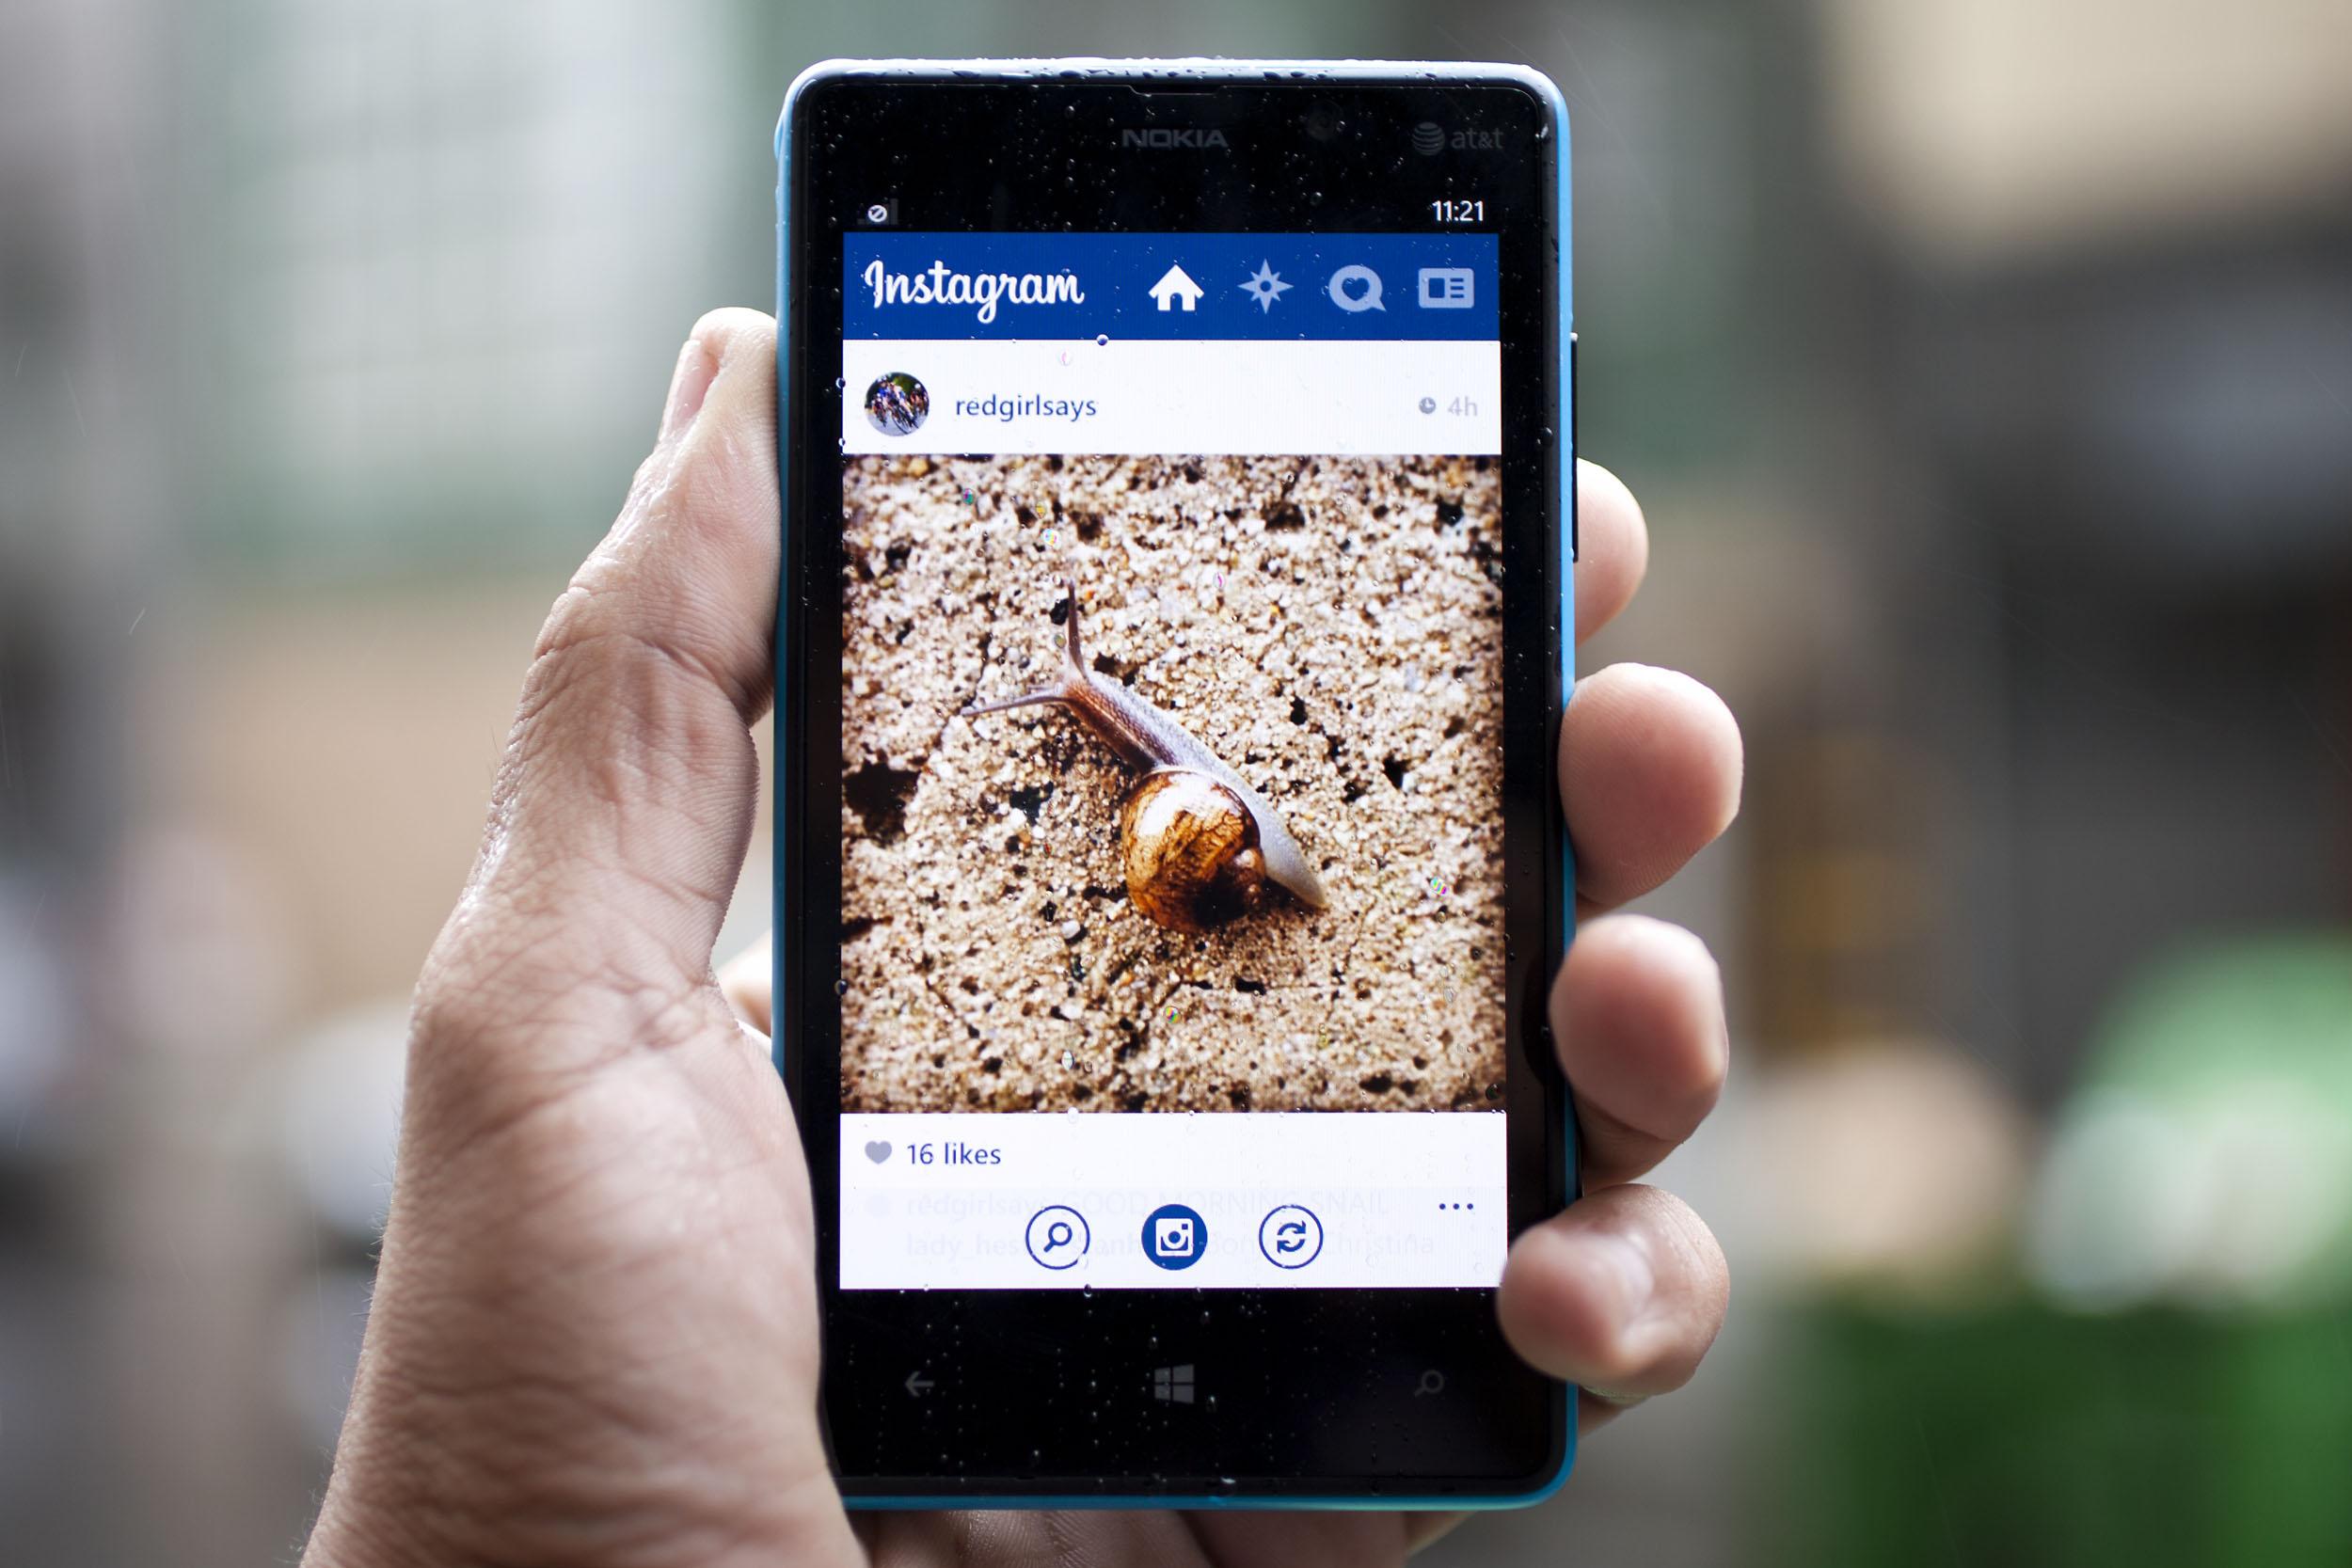 Instagram-cuenta-com-mas-usuarios-que-Twitter.jpg